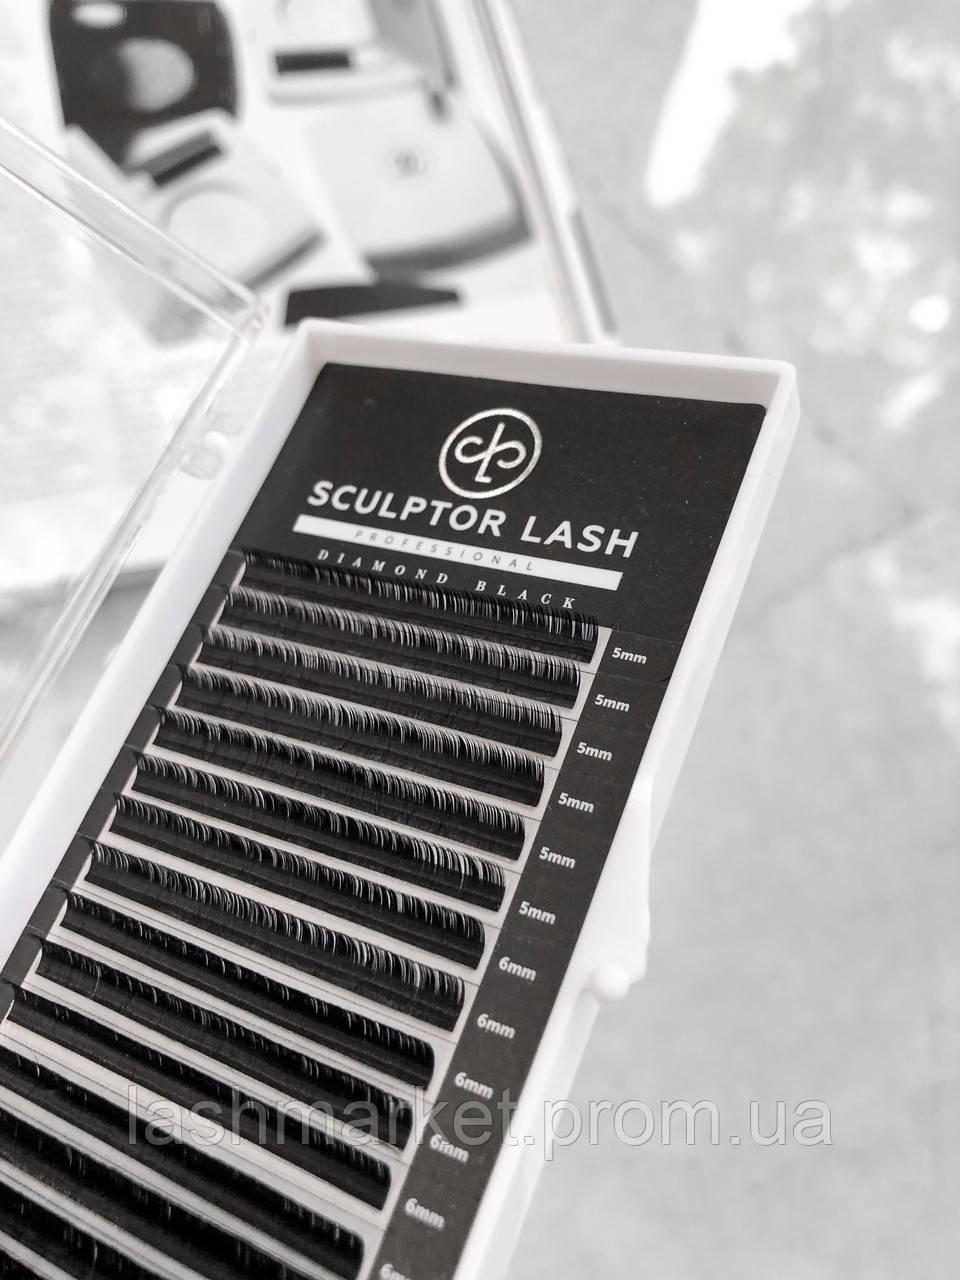 Ресницы ОТД ДЛИНА С 0.07 - 13 мм Sculptor Lash Diamond Black черные(для наращивания ресниц)